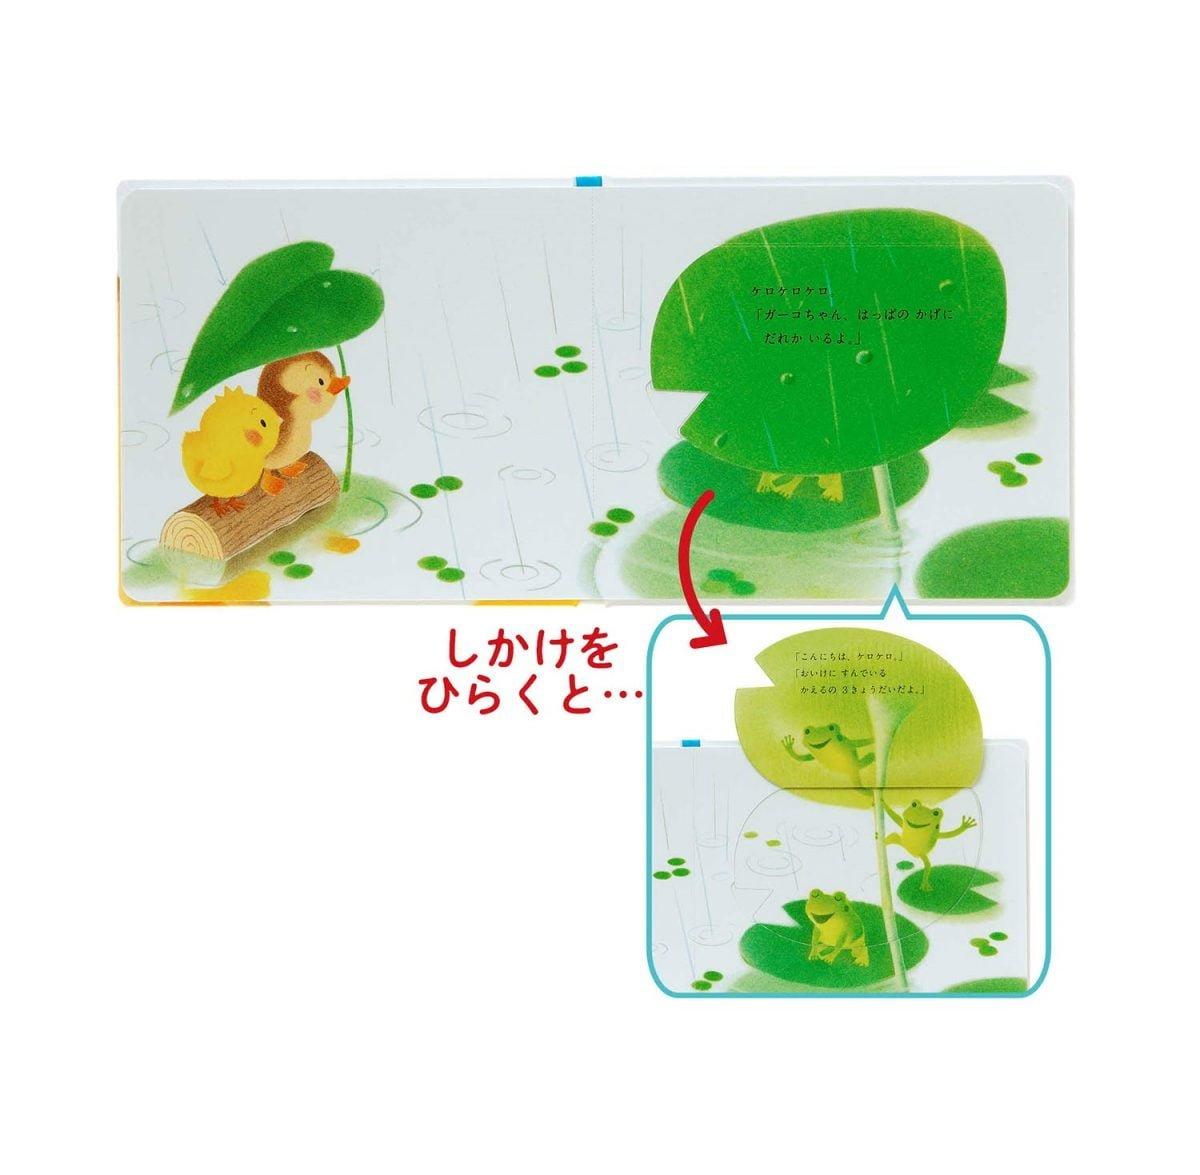 絵本「ぴよちゃんのおともだち」の一コマ2